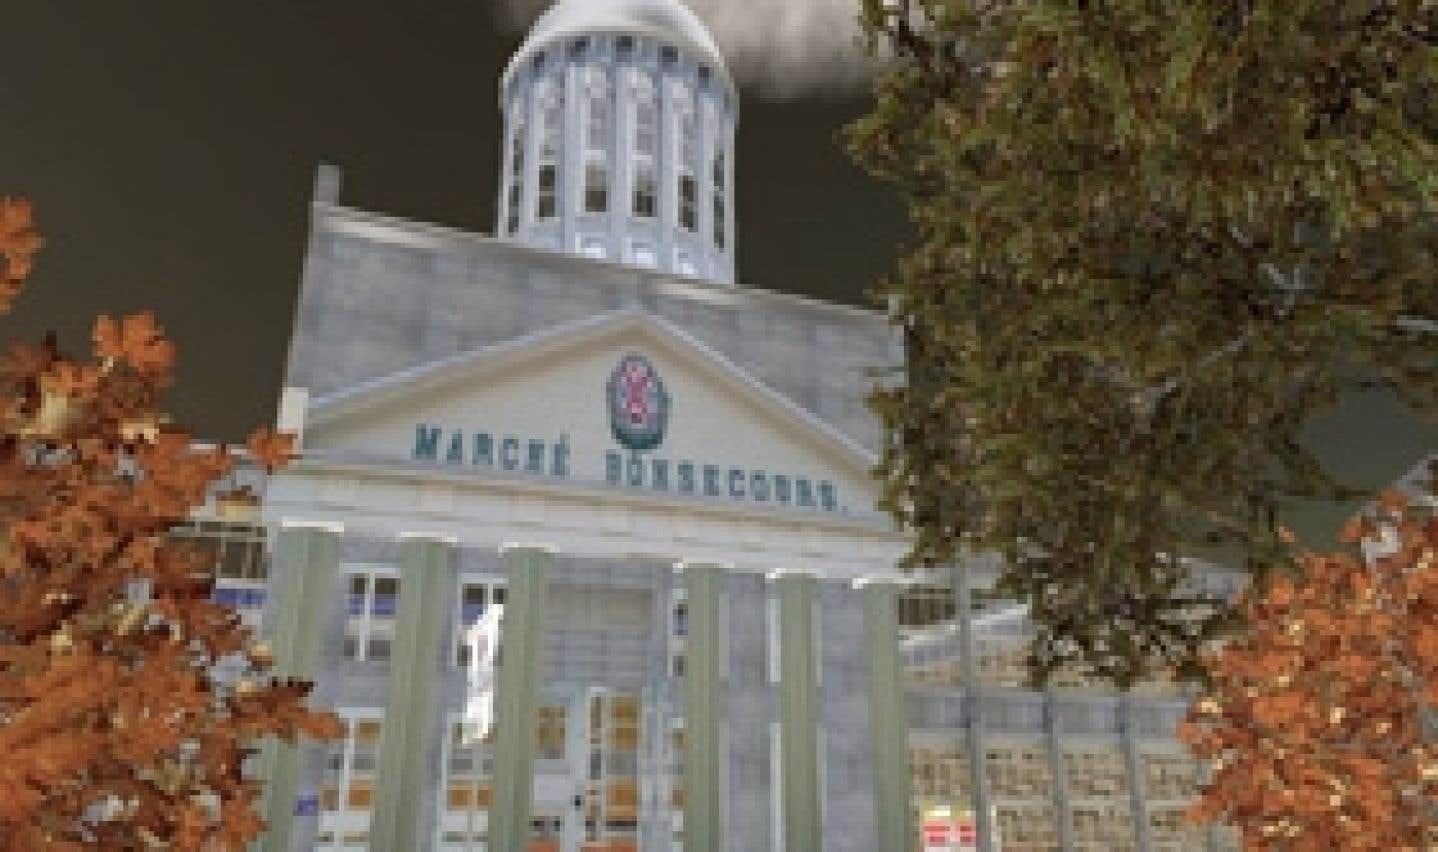 Une représentation du marché Bonsecours telle qu'elle apparaîtra sur l'Île Québec.